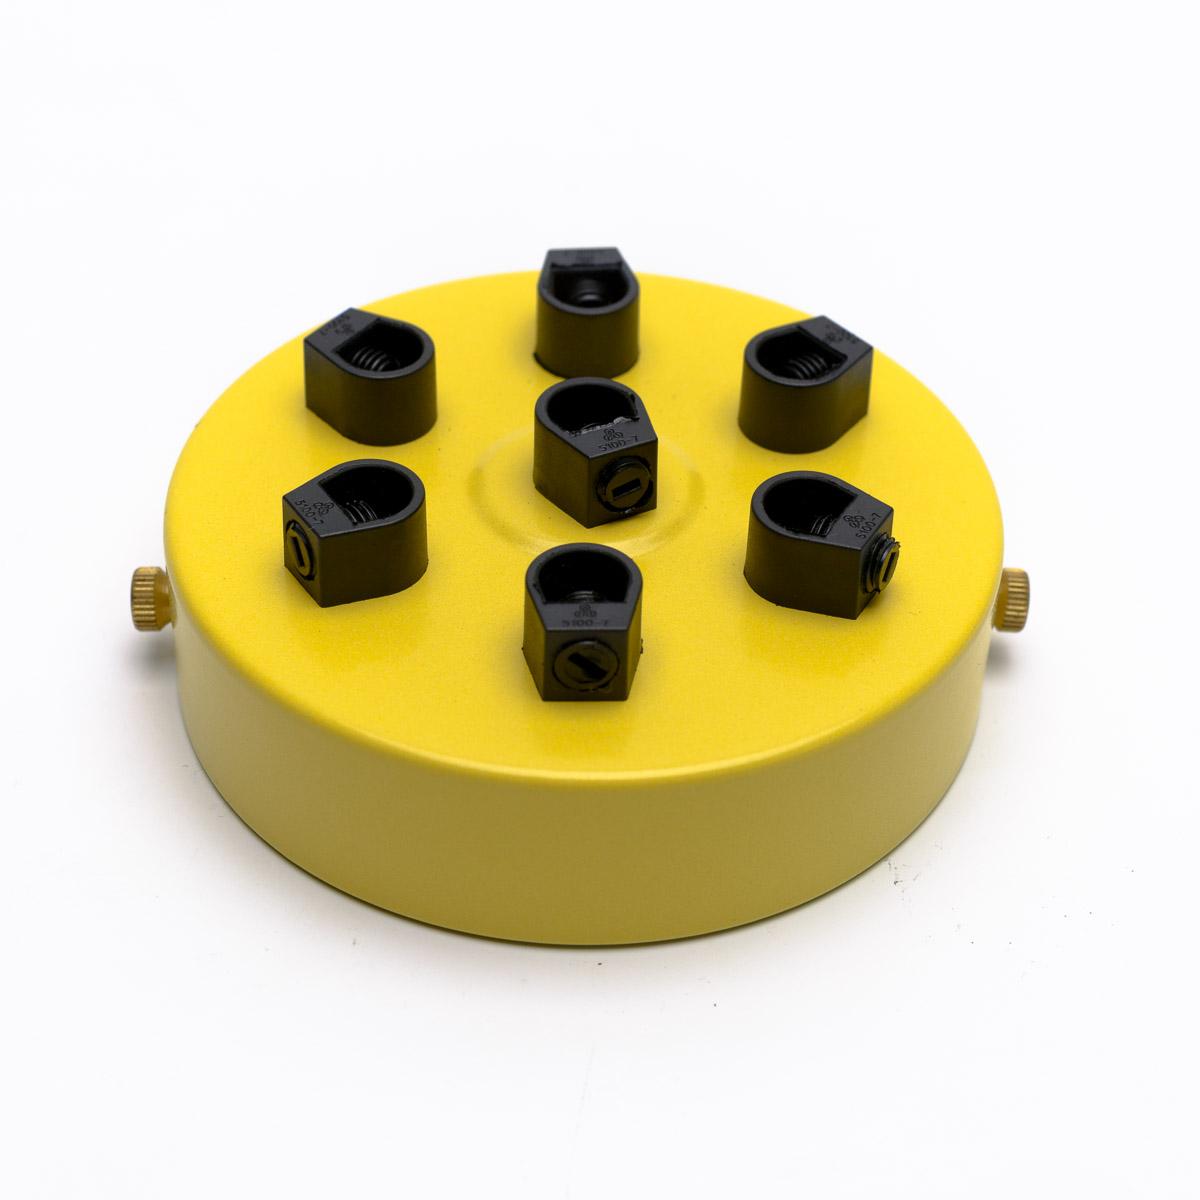 Потолочный крепеж стальной 7 выходов желтый